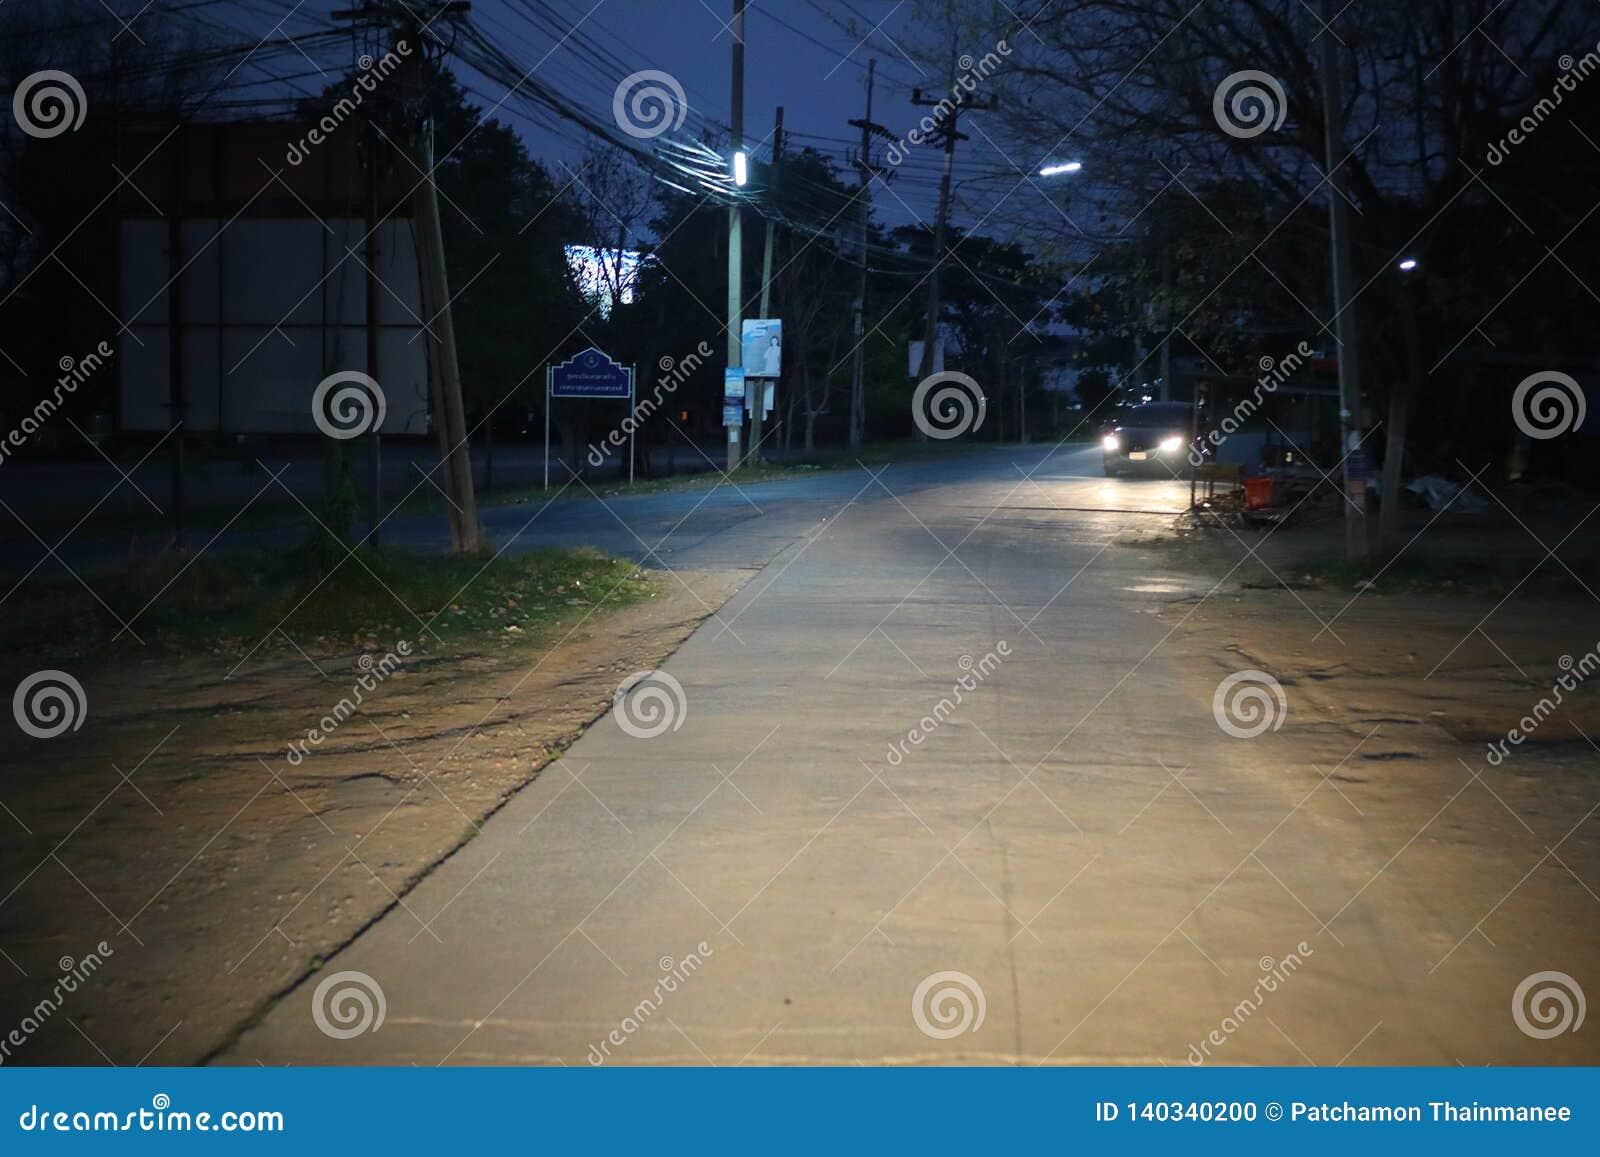 La route principale la nuit, il y a un running back de voiture et il y a une lumière illuminant la manière